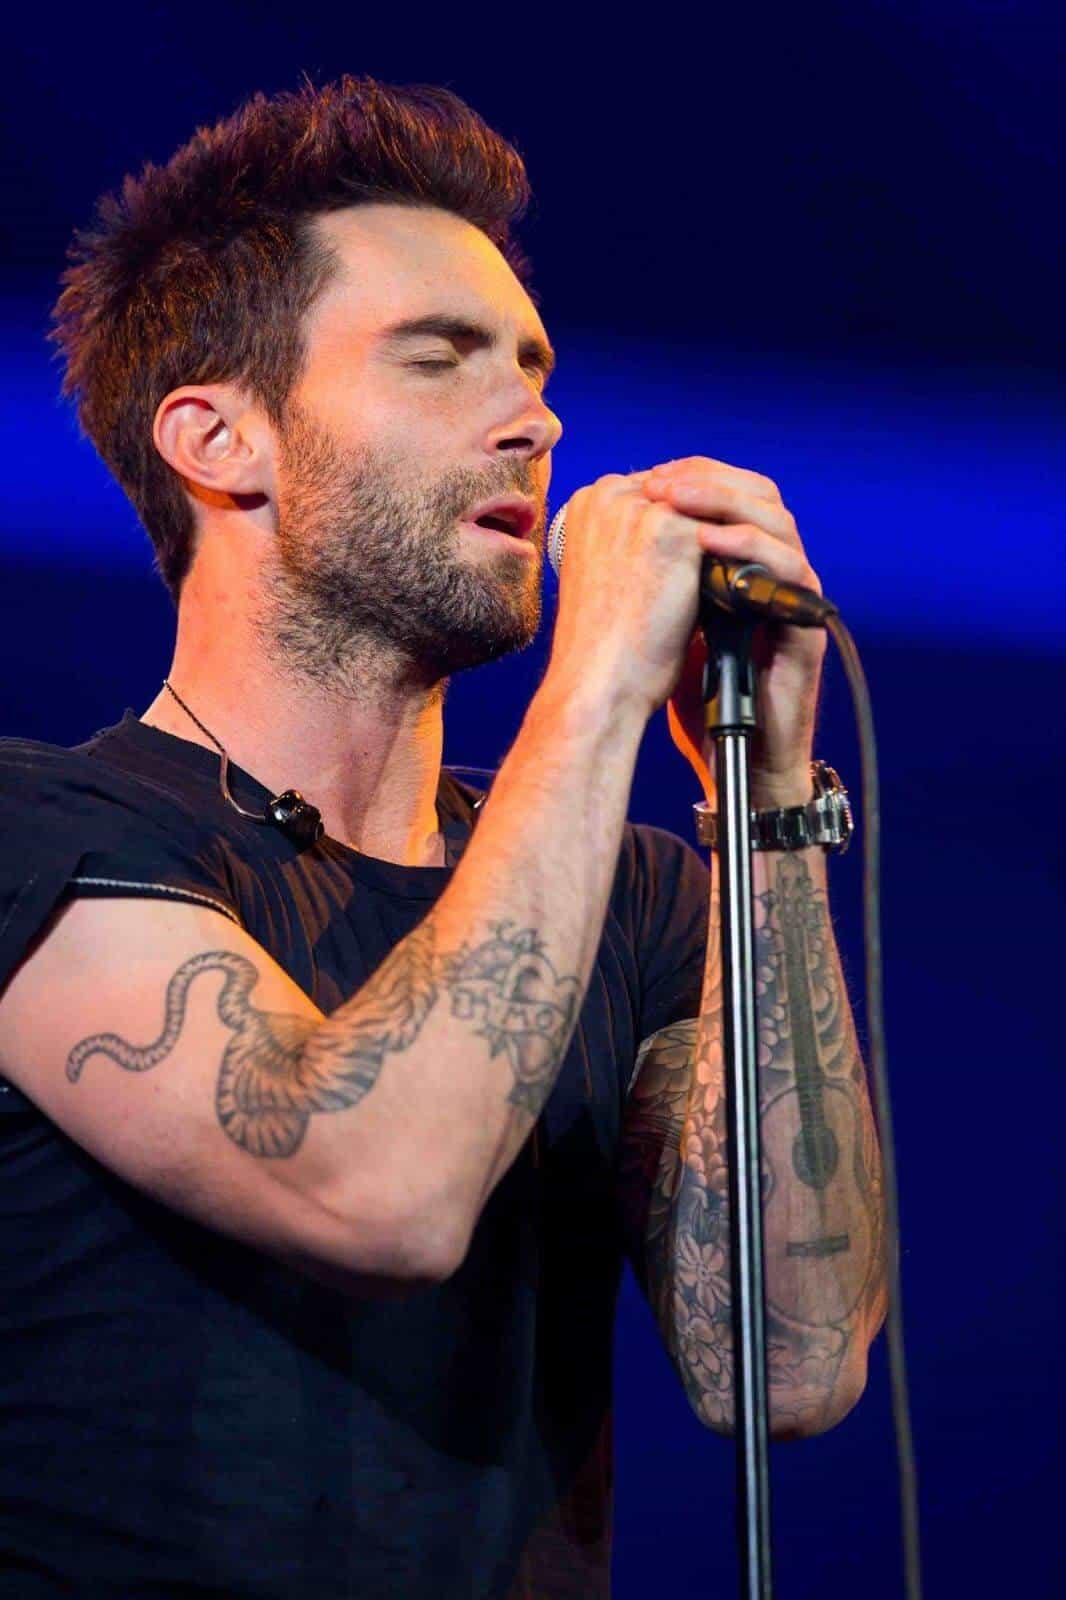 adam levine guitar tattoo